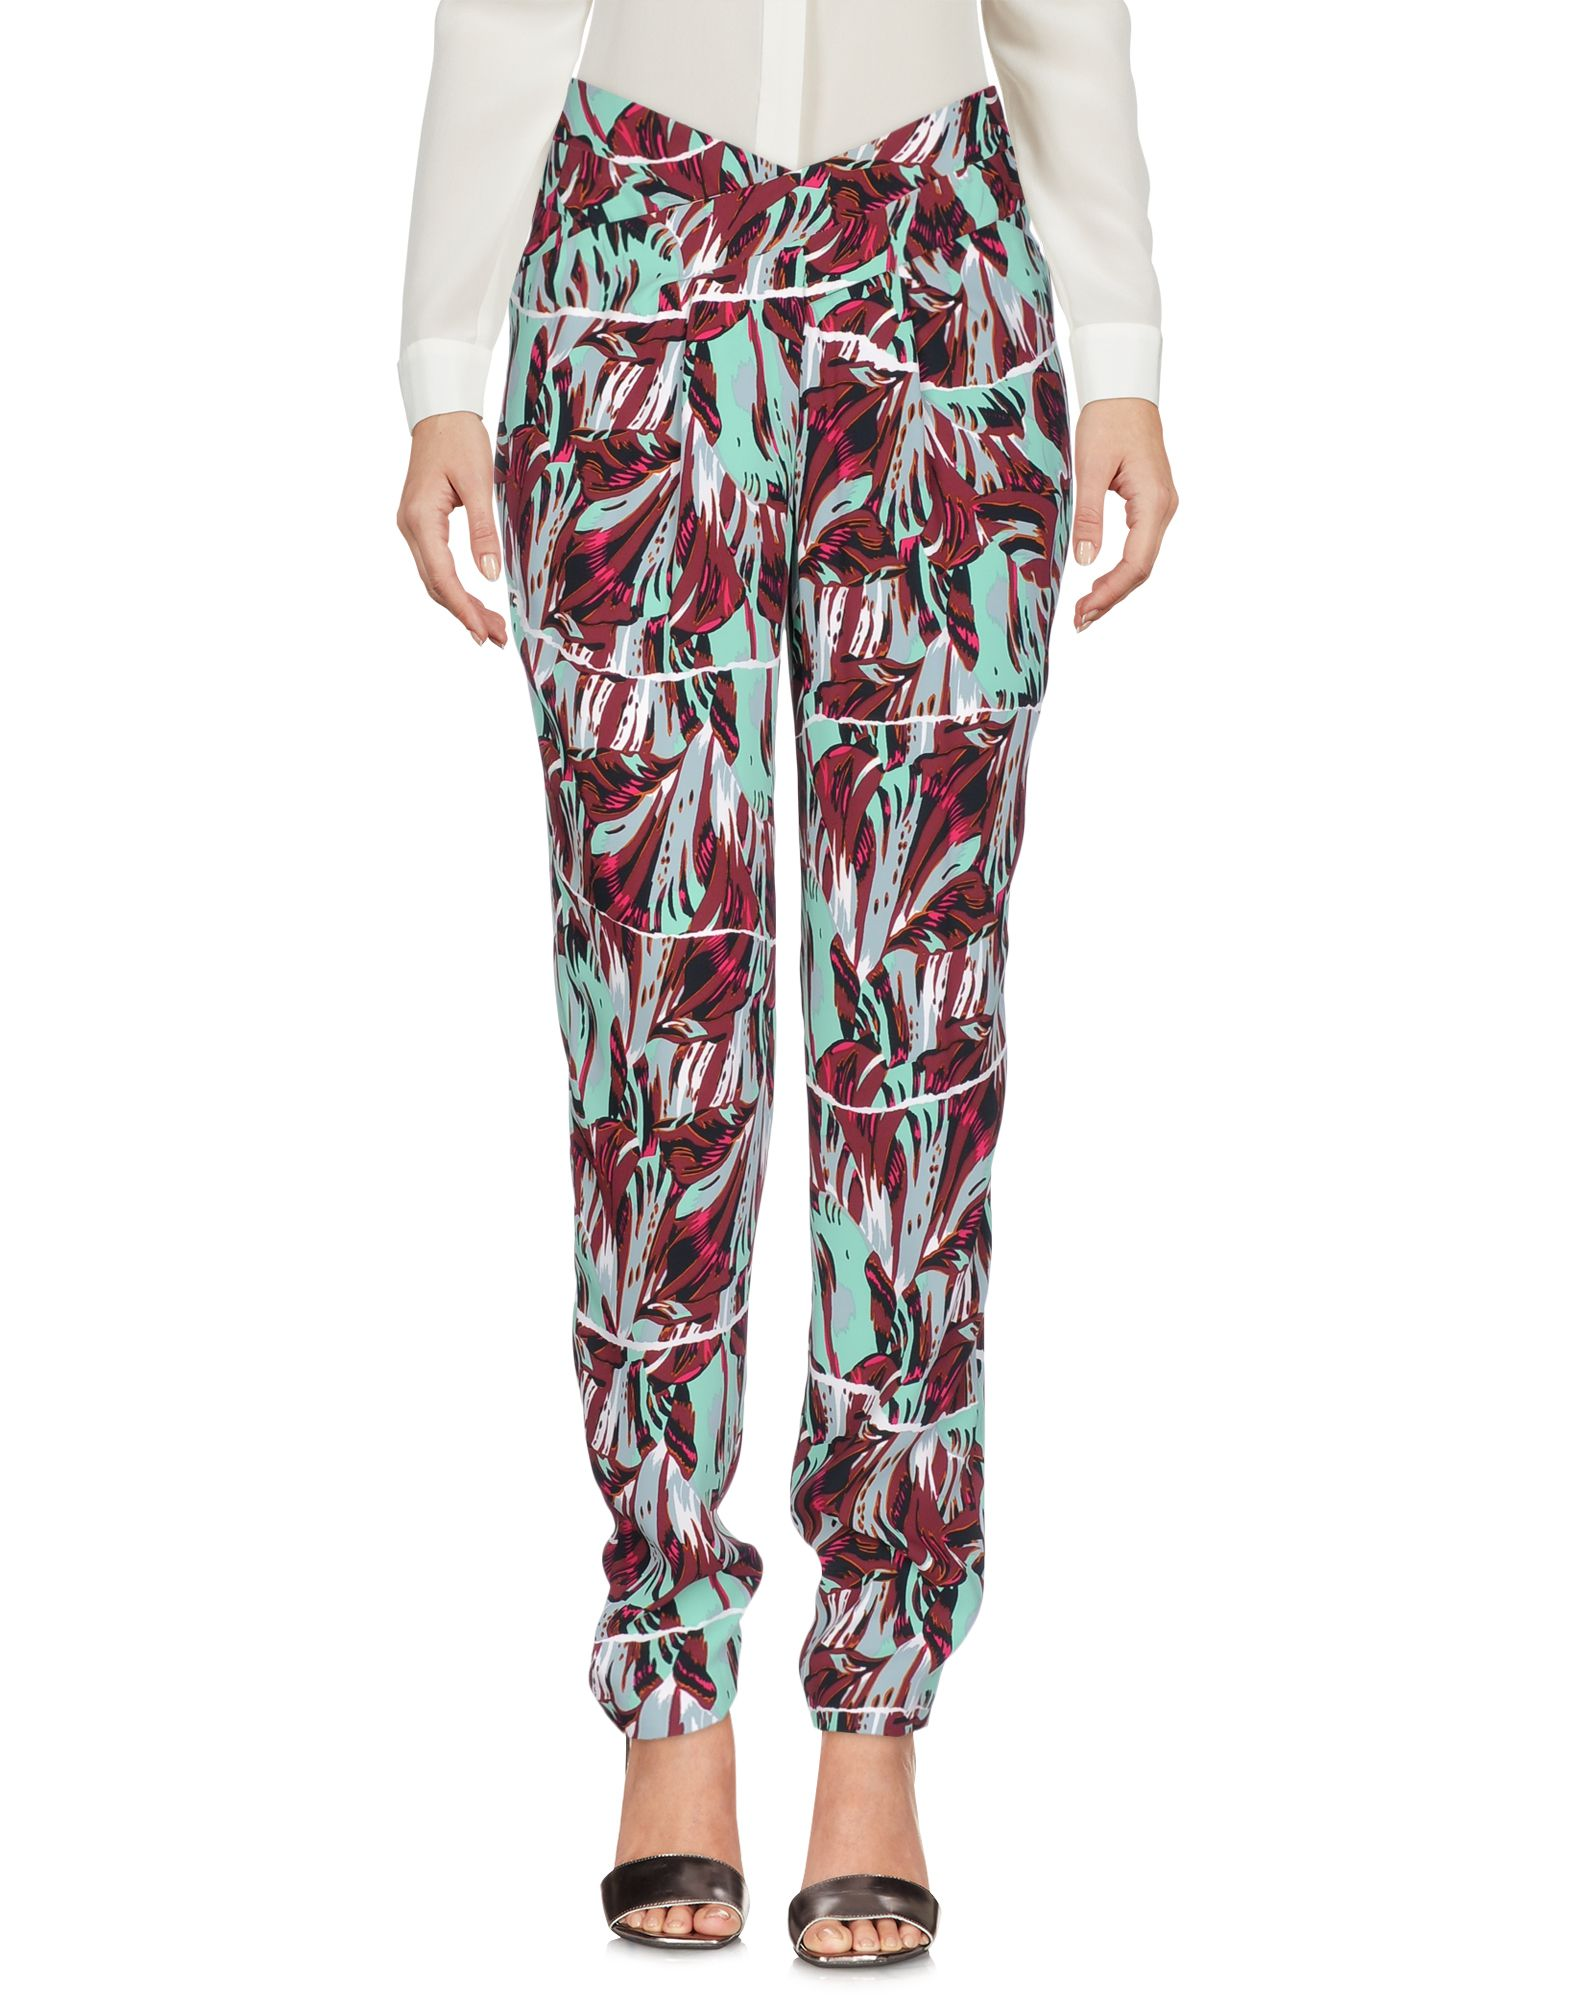 KENZO Damen Hose Farbe Säuregrün Größe 4 - broschei